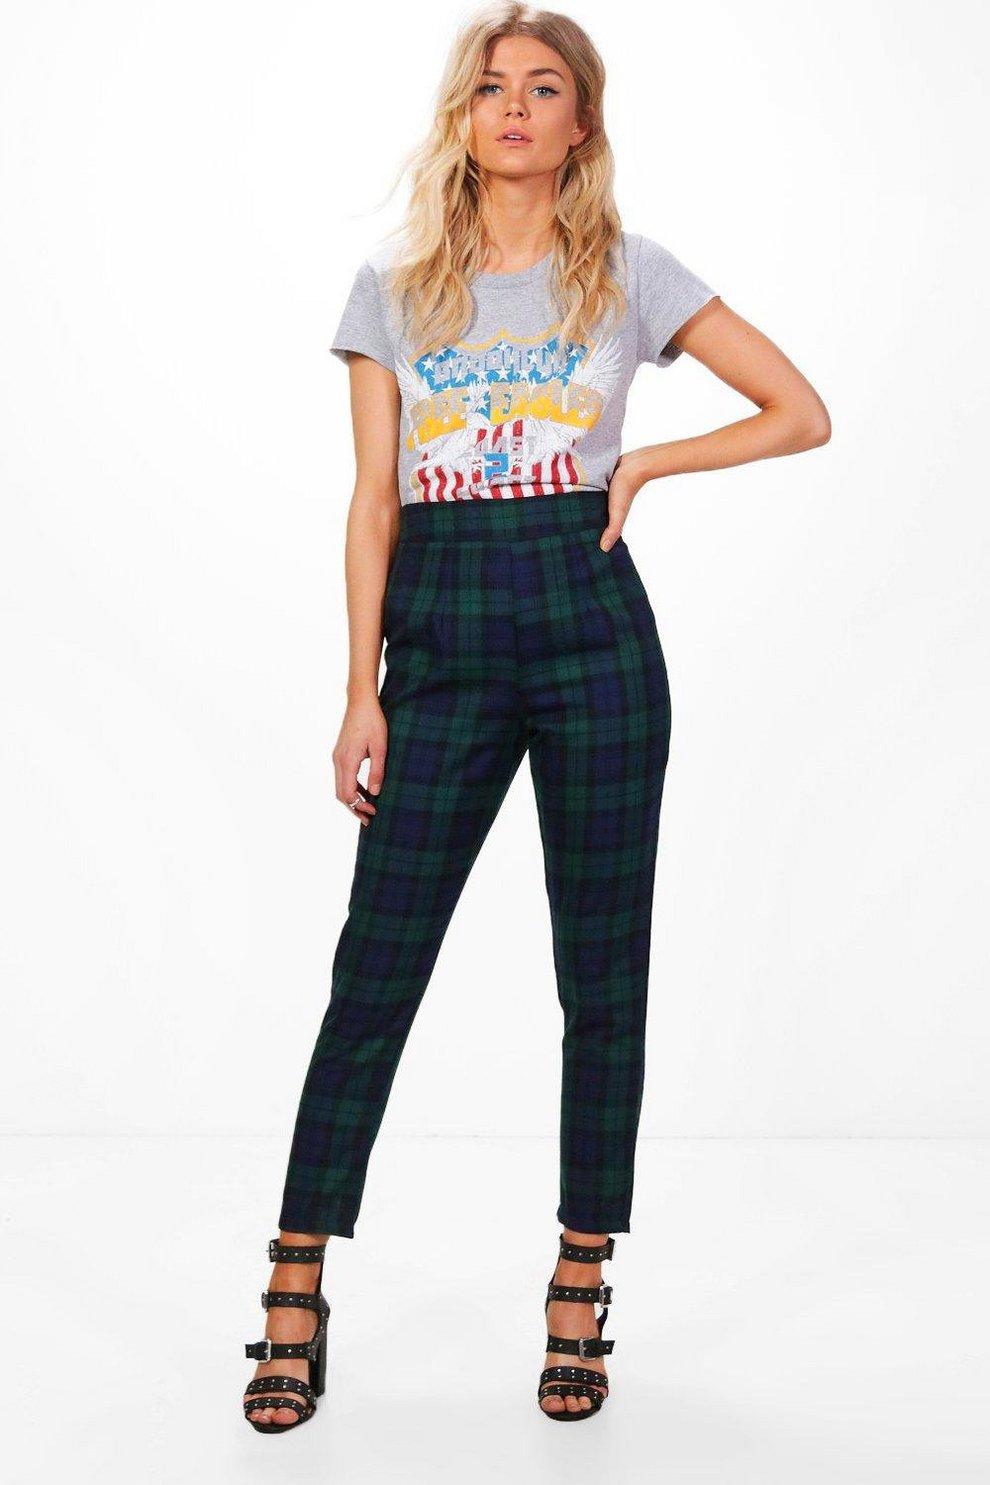 9cbc92303dbe7 Petite pantalon fuselé taille haute à carreaux | Boohoo